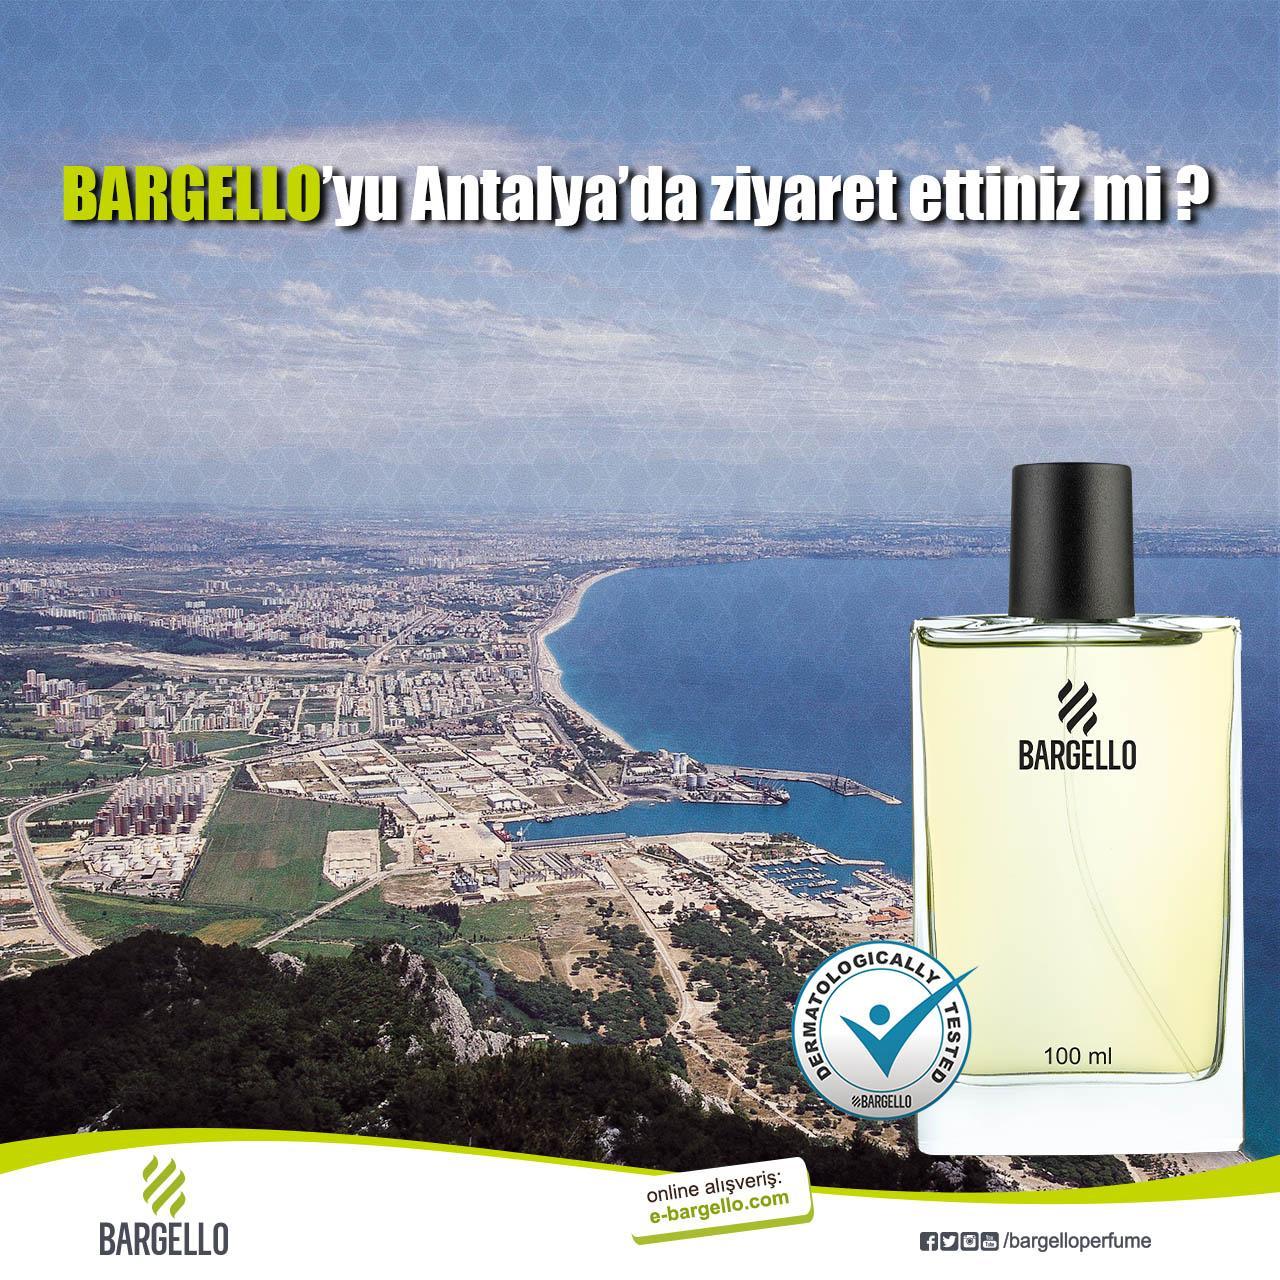 Bargello Perfume On Twitter Kokumuz Tüm Türkiyeyi Sardı L